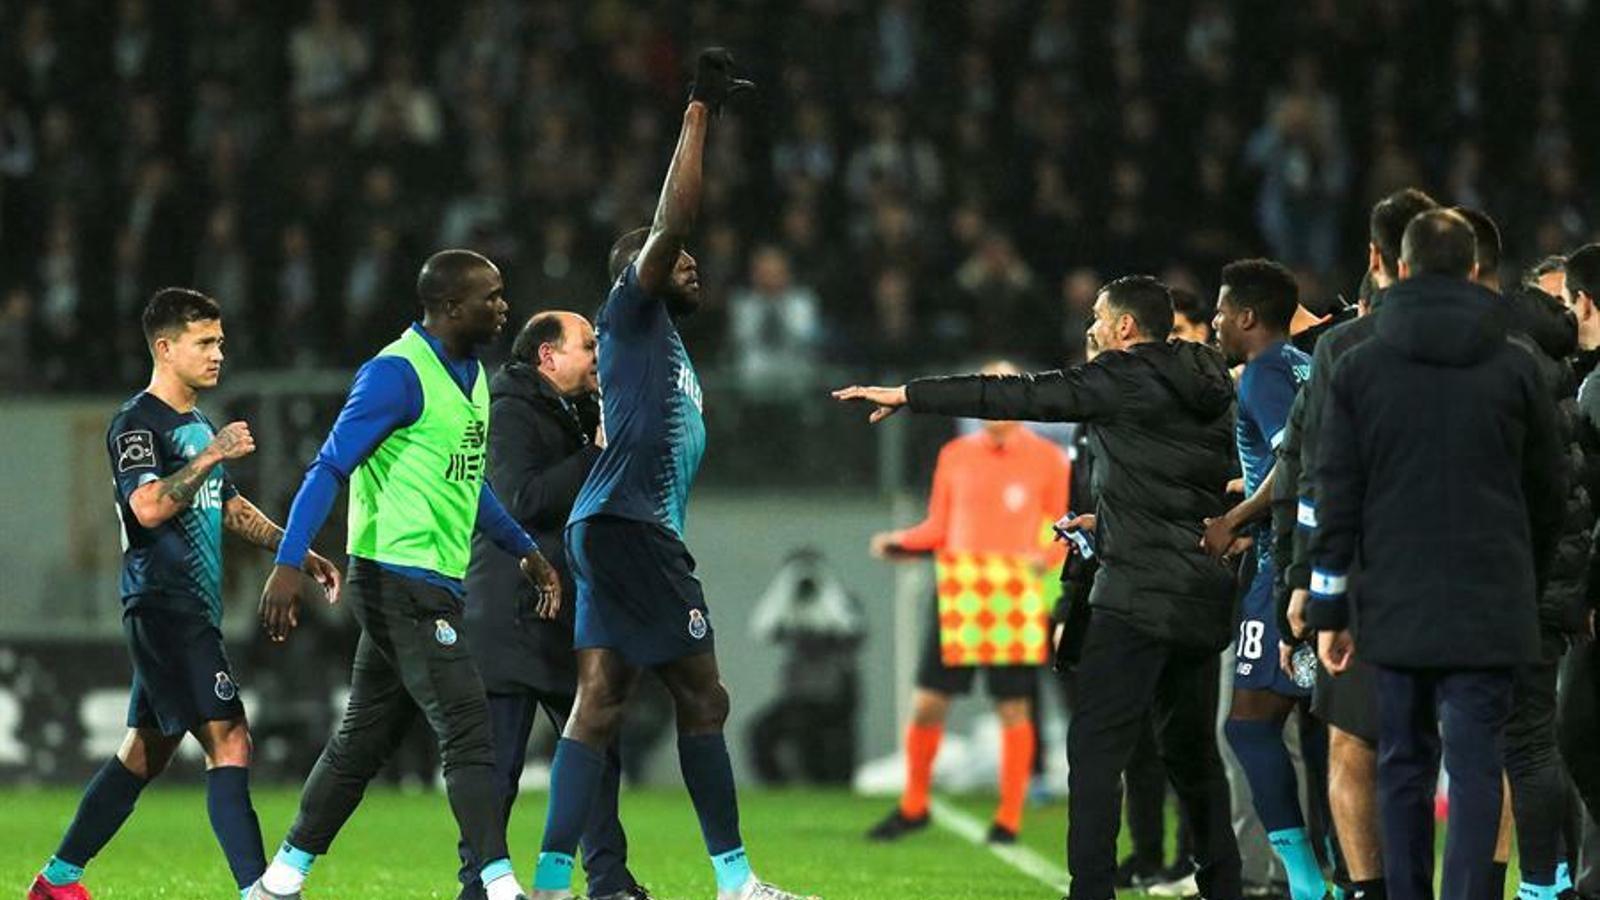 """Moussa Marega: """"M'agradaria dir una cosa als idiotes que fan crits racistes: que us fotin"""""""